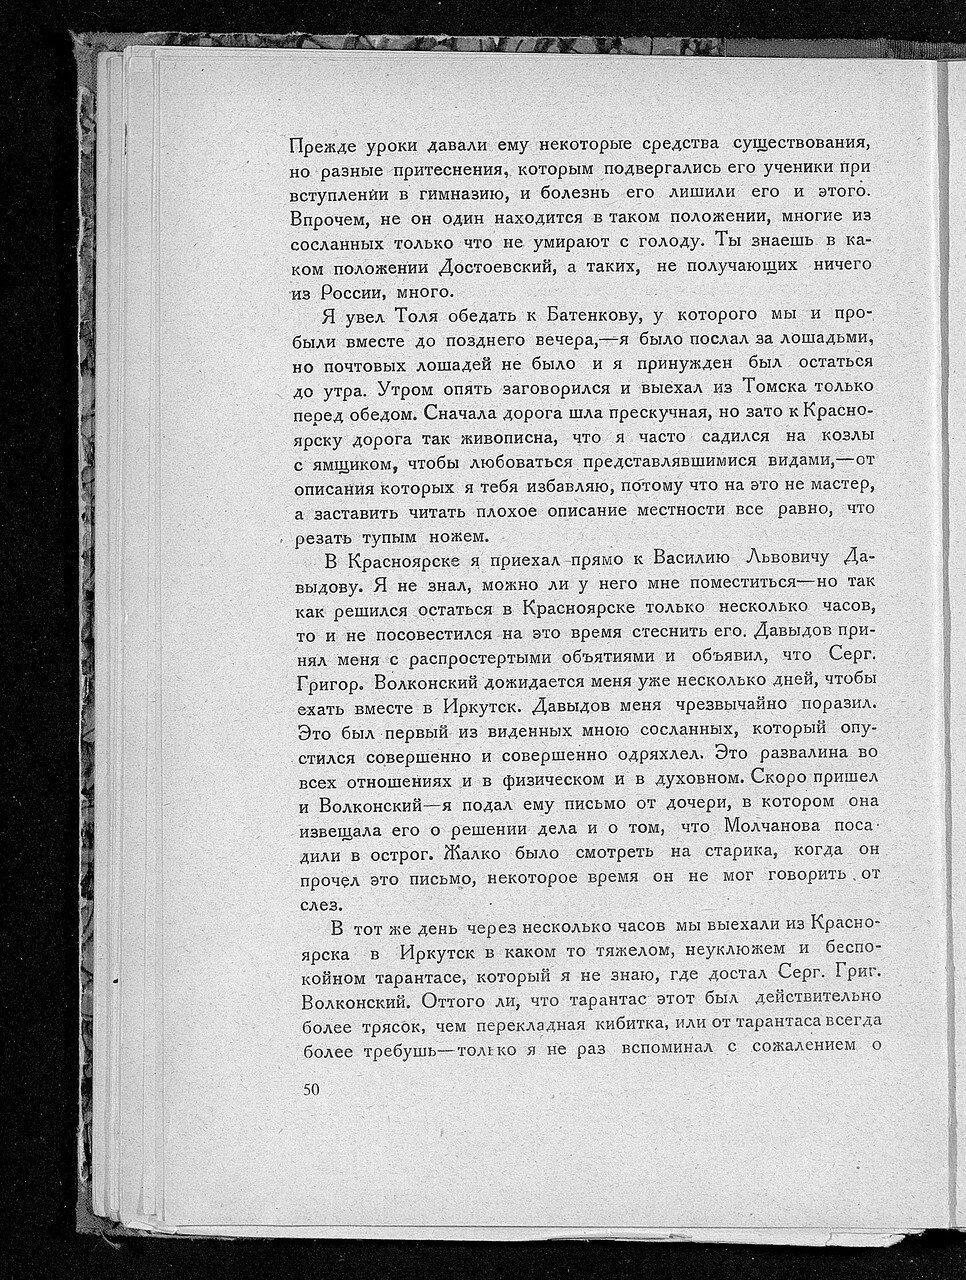 https://img-fotki.yandex.ru/get/892397/199368979.a0/0_21432d_4e6be939_XXXL.jpg